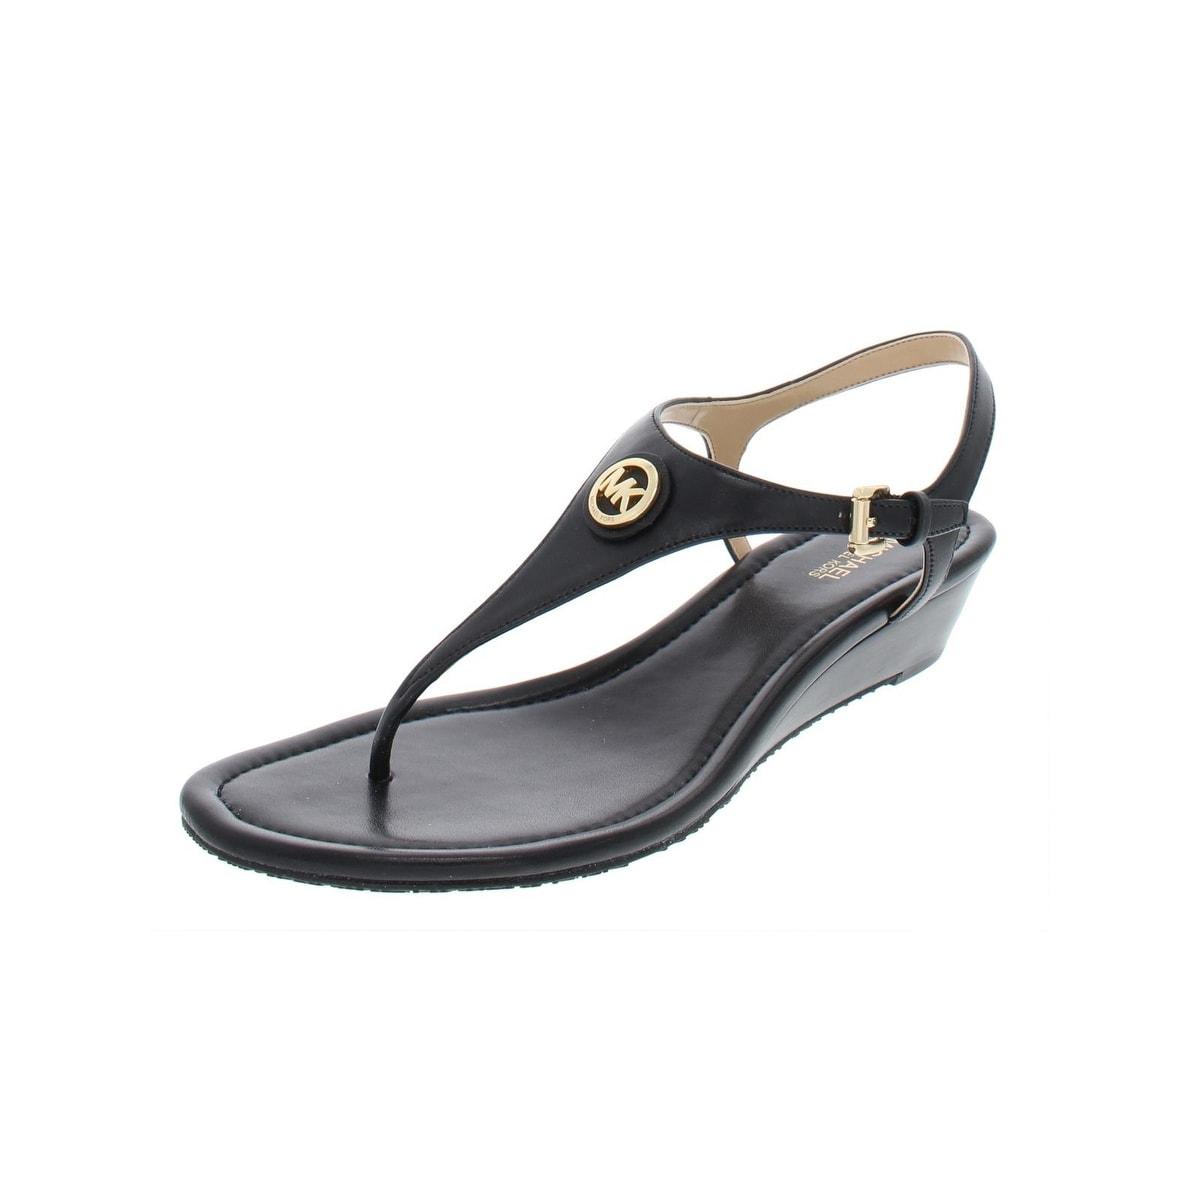 e5c099623eeb Buy MICHAEL Michael Kors Women s Sandals Online at Overstock